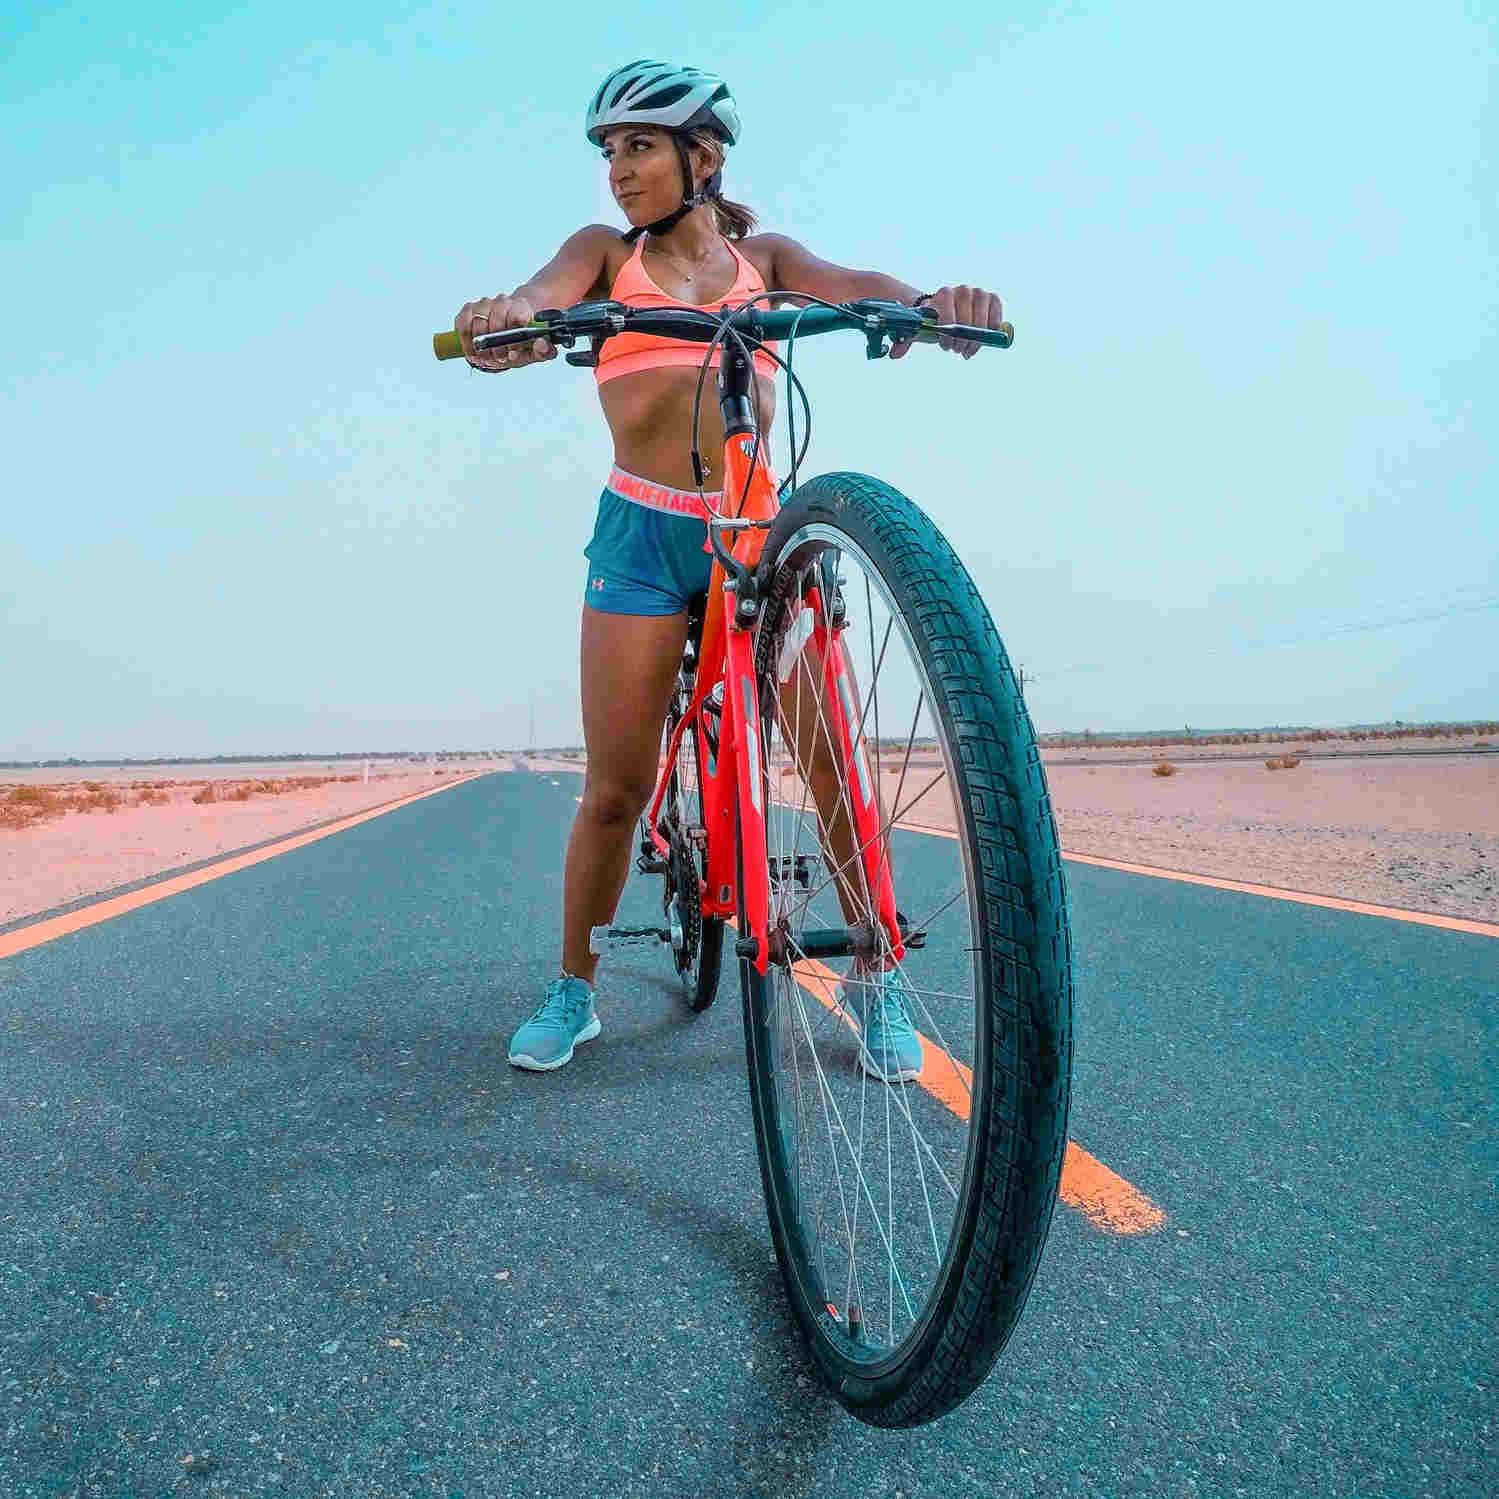 Memilih ukuran sepeda